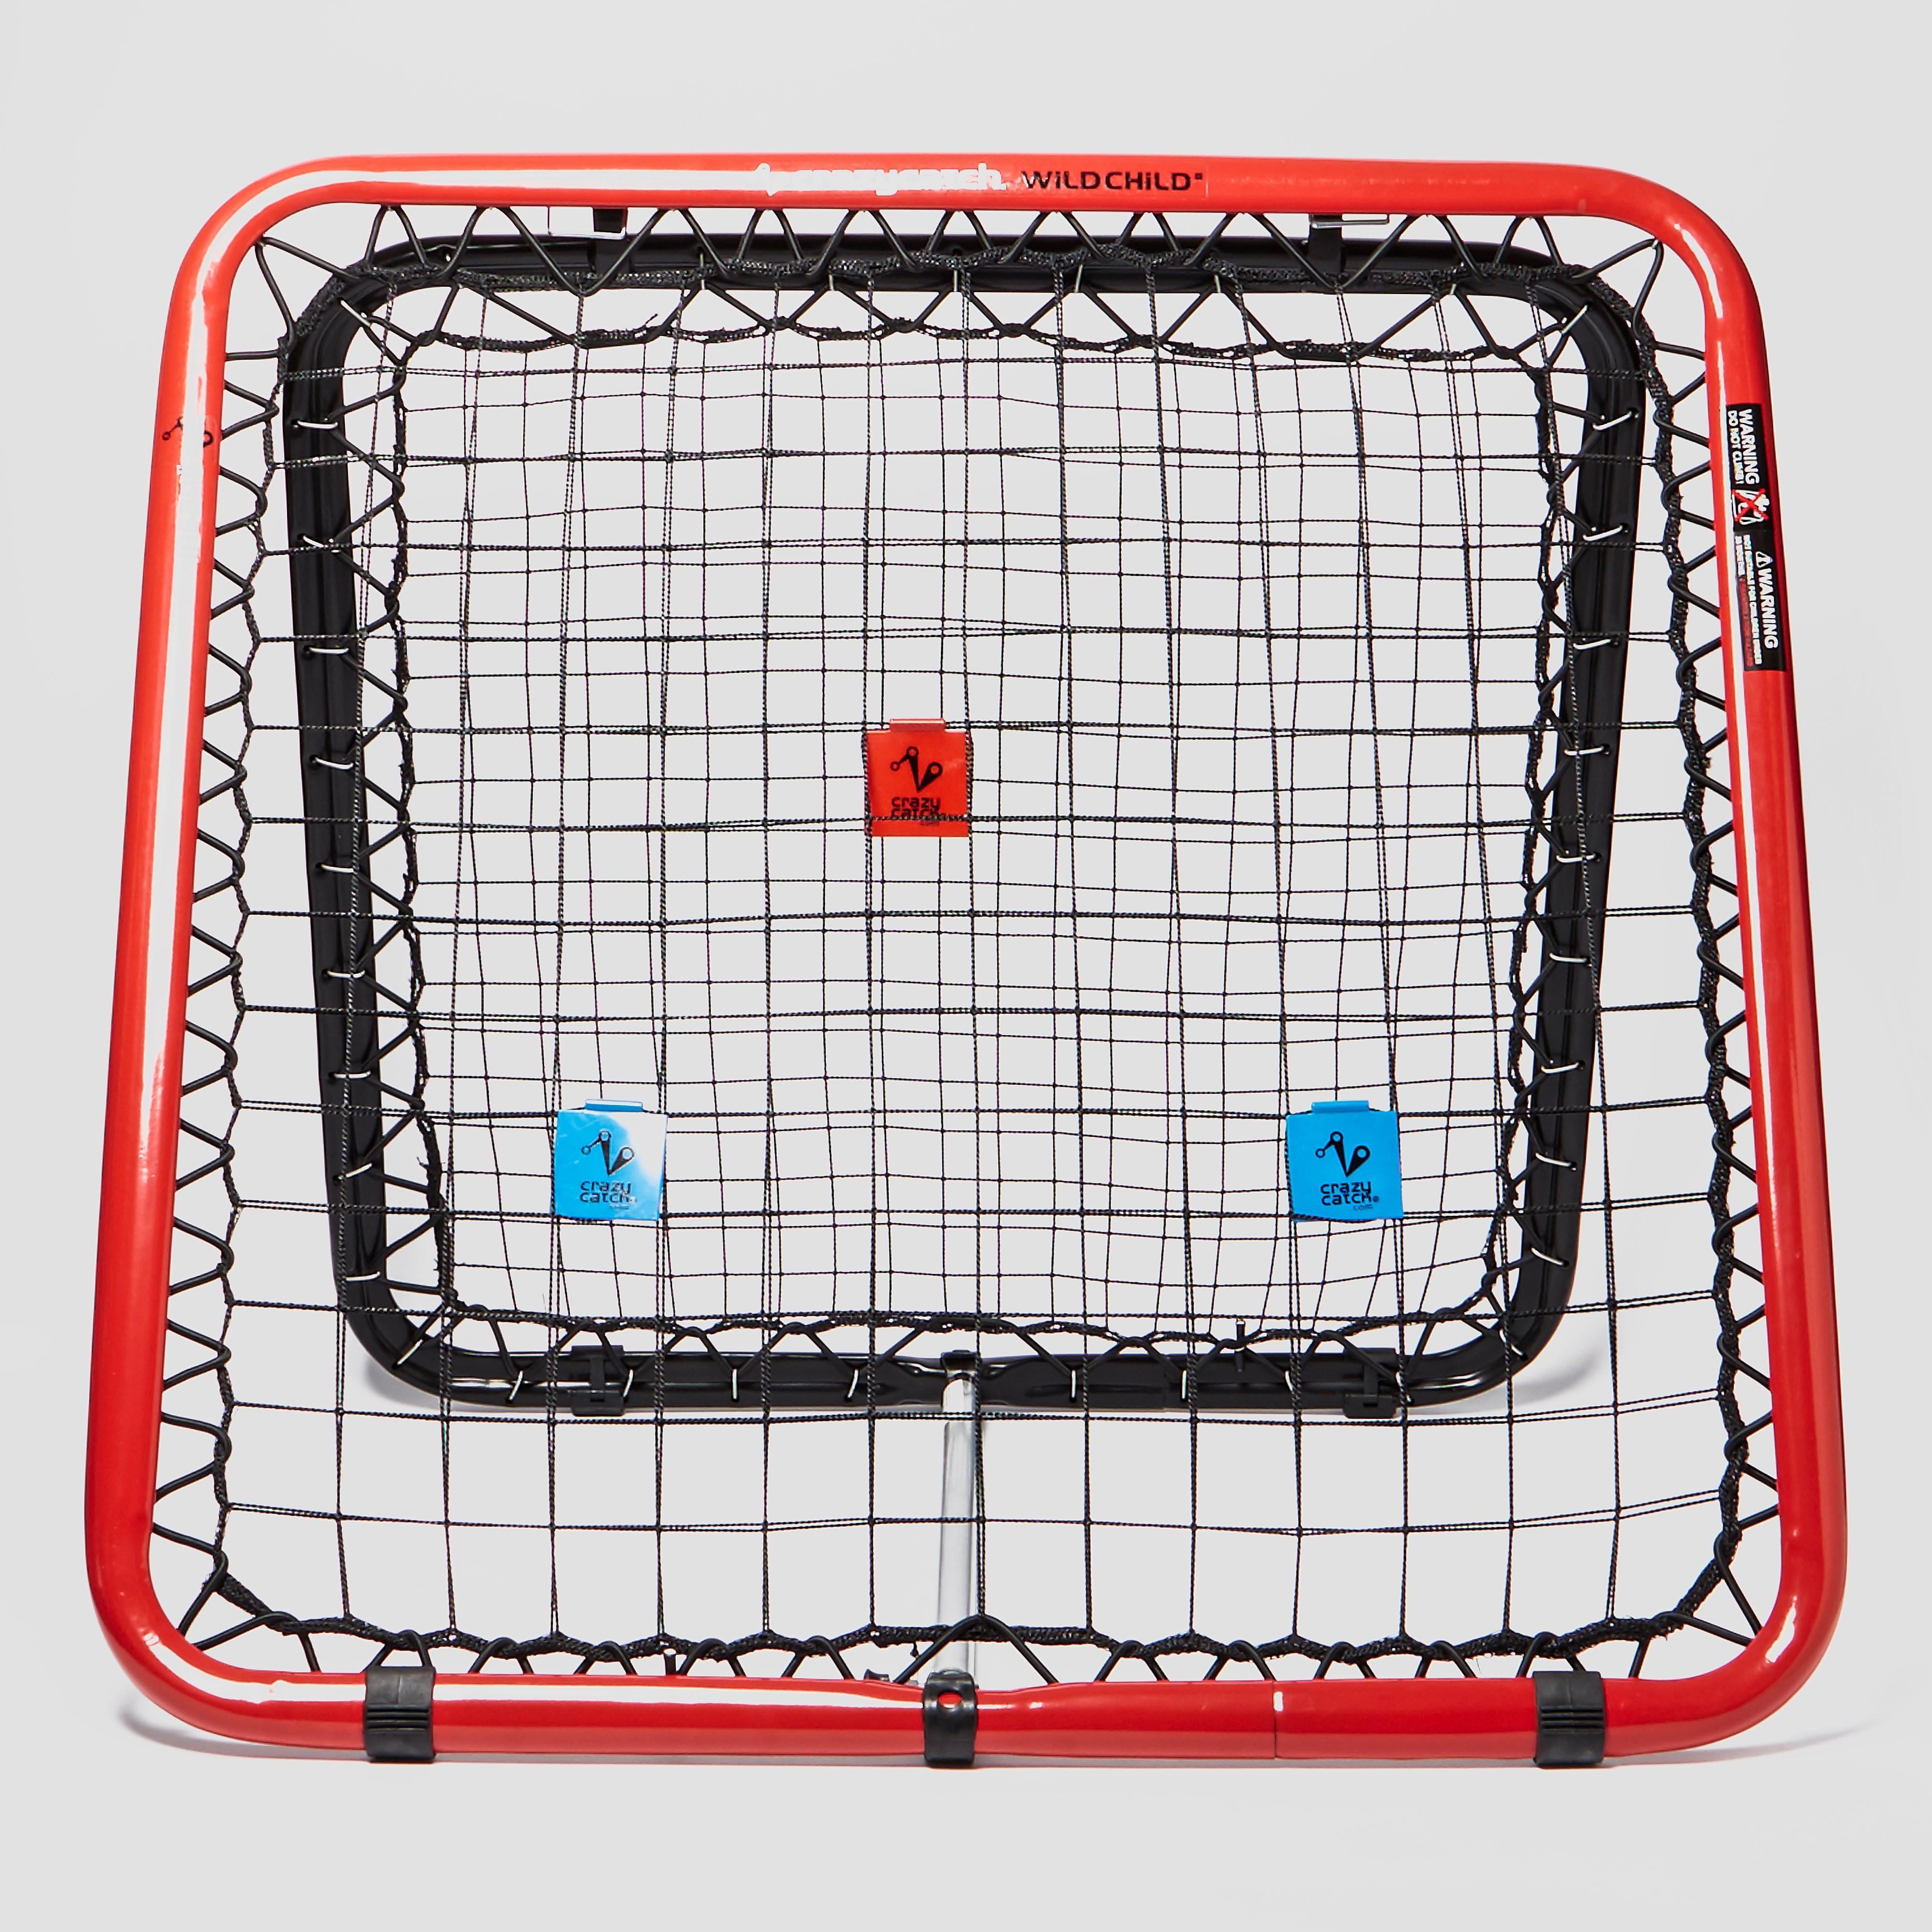 Crazy Catch Wild Child Classic Rebound Net - Red, Red